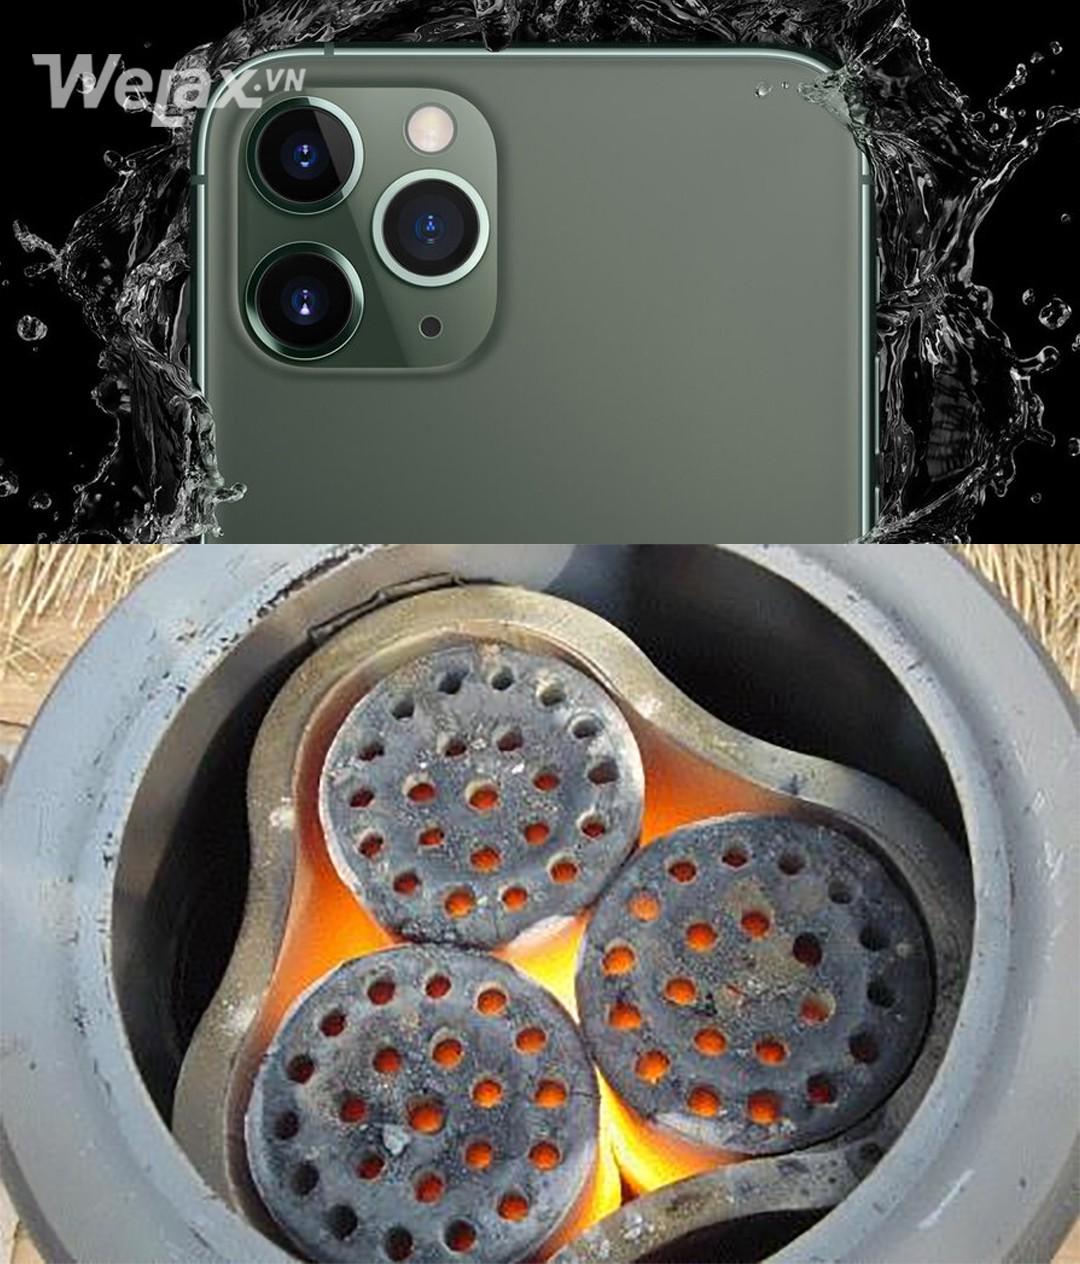 VZN News: Trình làng chưa được 12 tiếng, cụm camera 3 ống kính to đùng ngã ngửa của iPhone 11 đã bị cộng đồng mạng gửi tặng nguyên một nồi ảnh chế - Ảnh 8.